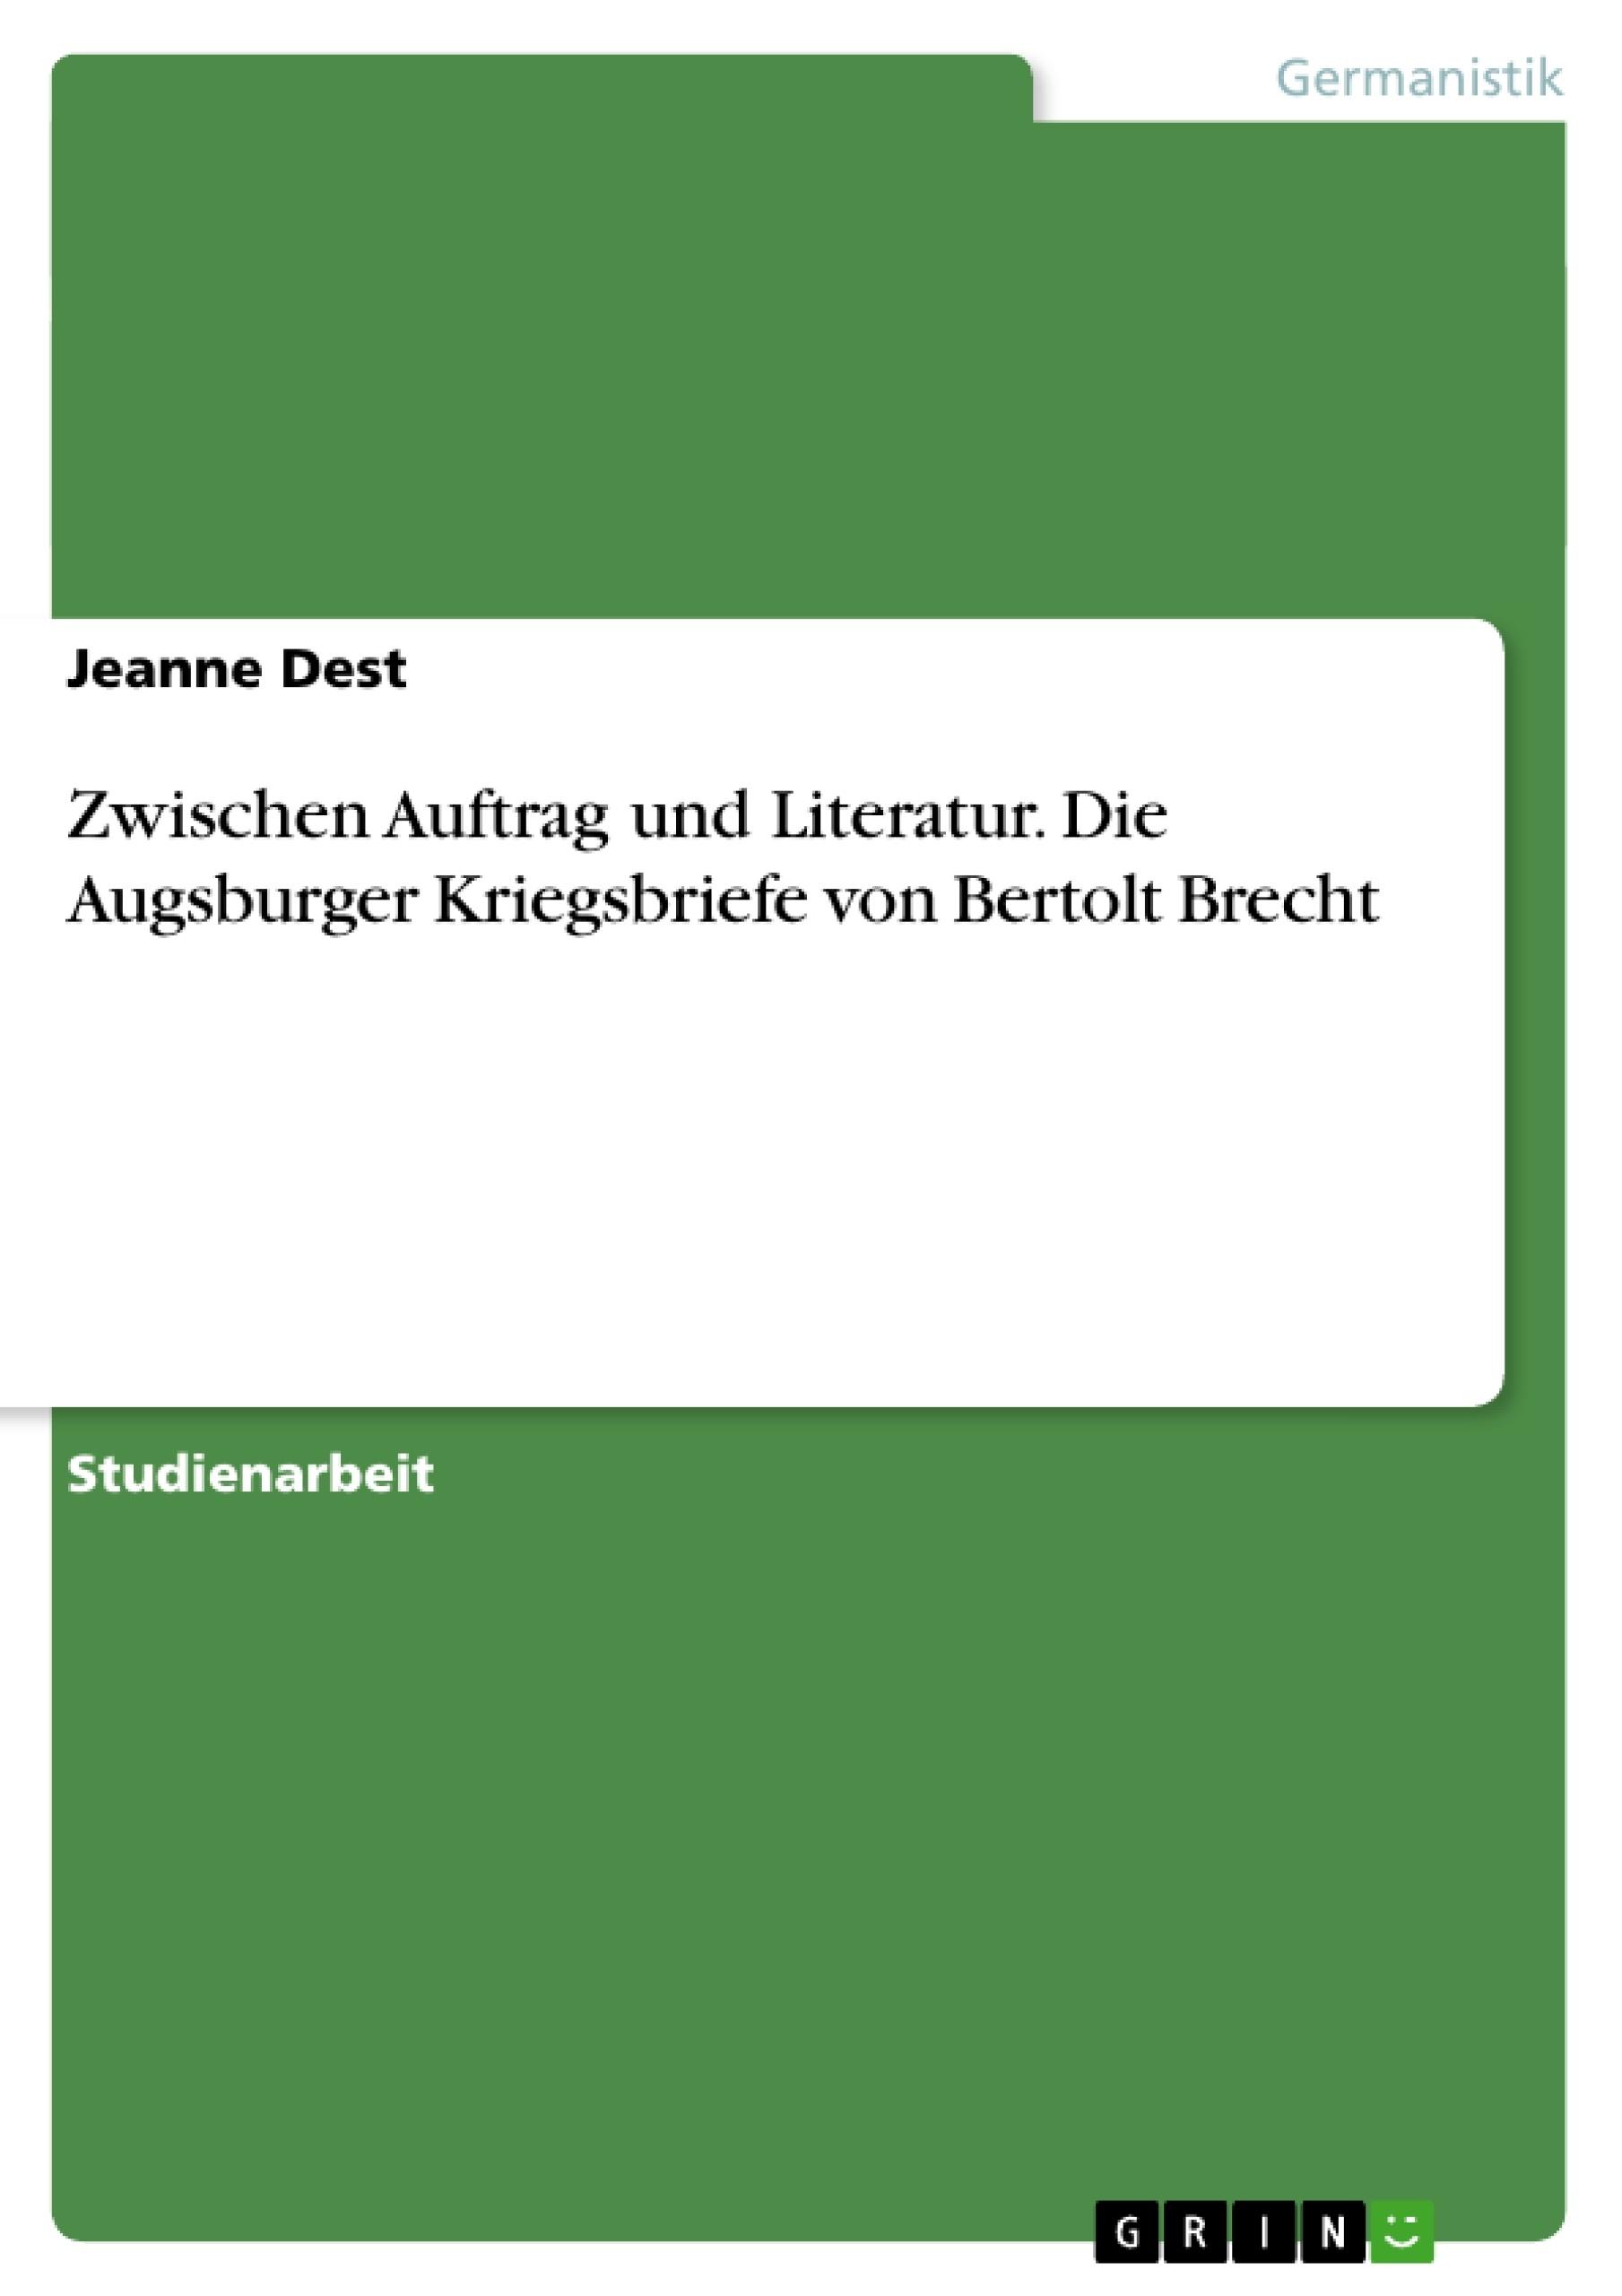 Titel: Zwischen Auftrag und Literatur. Die Augsburger Kriegsbriefe von Bertolt Brecht